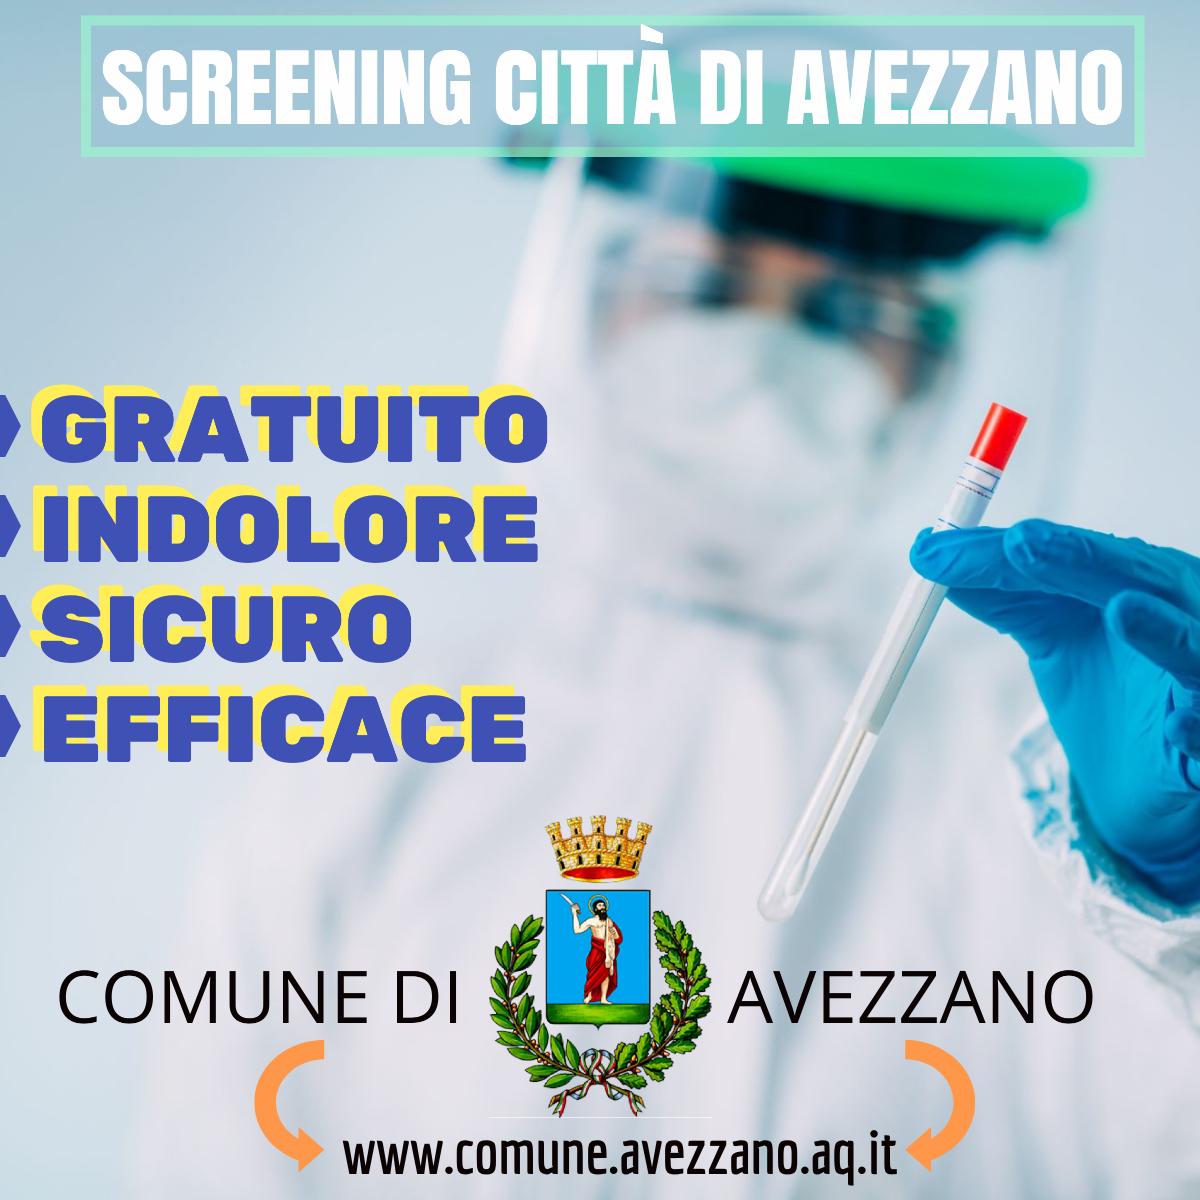 Prosegue per altri due giorni l'attività di screening per il comune di Avezzano